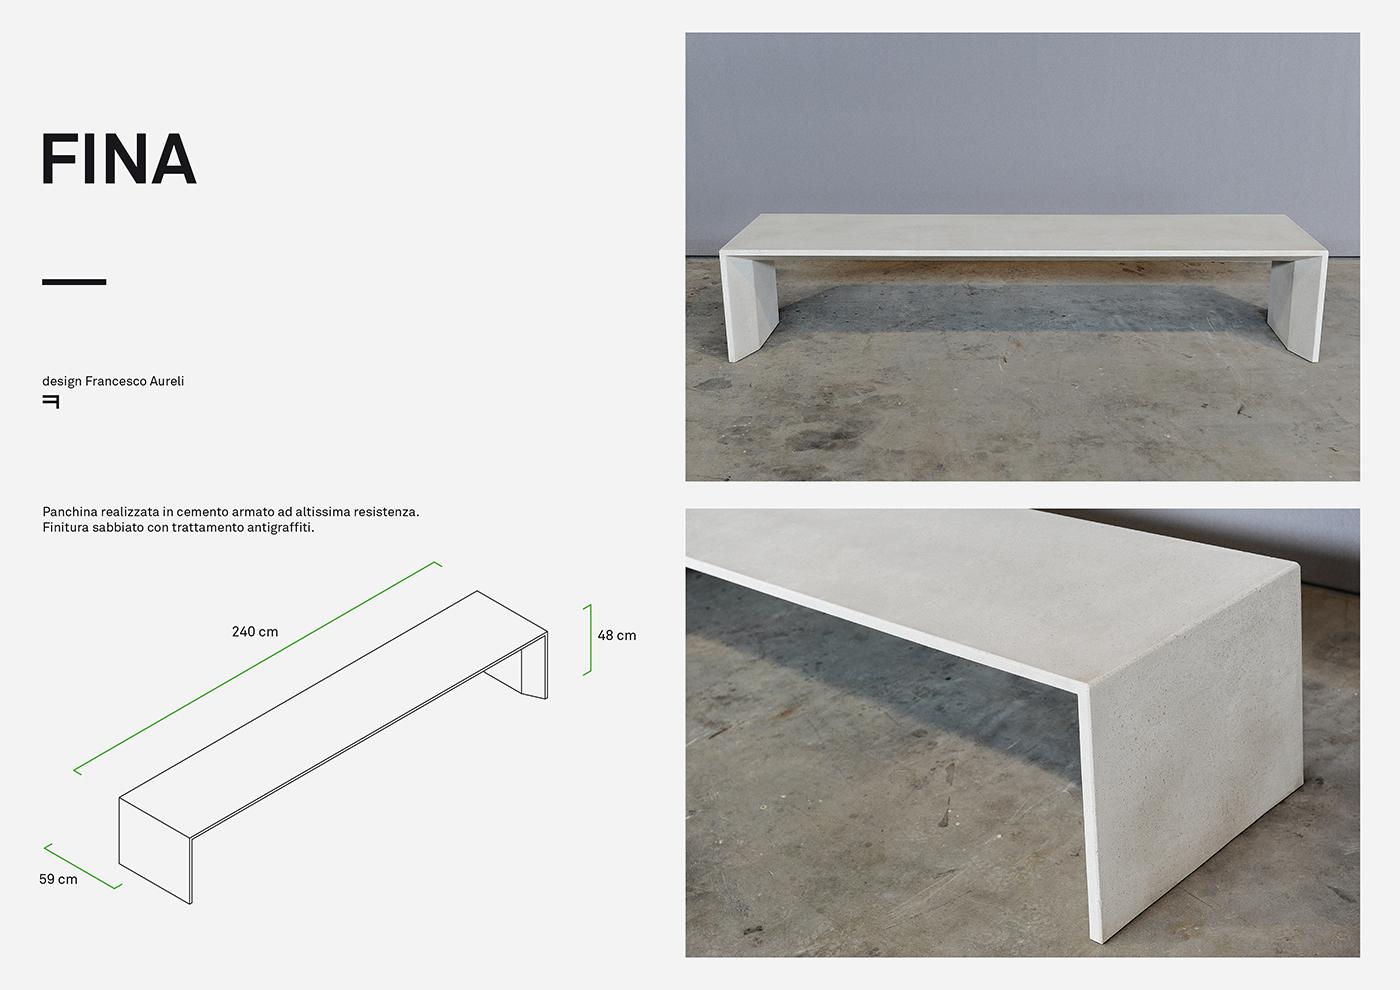 FINA design di arredo urbano in cemento disegnato da Francesco Aureli